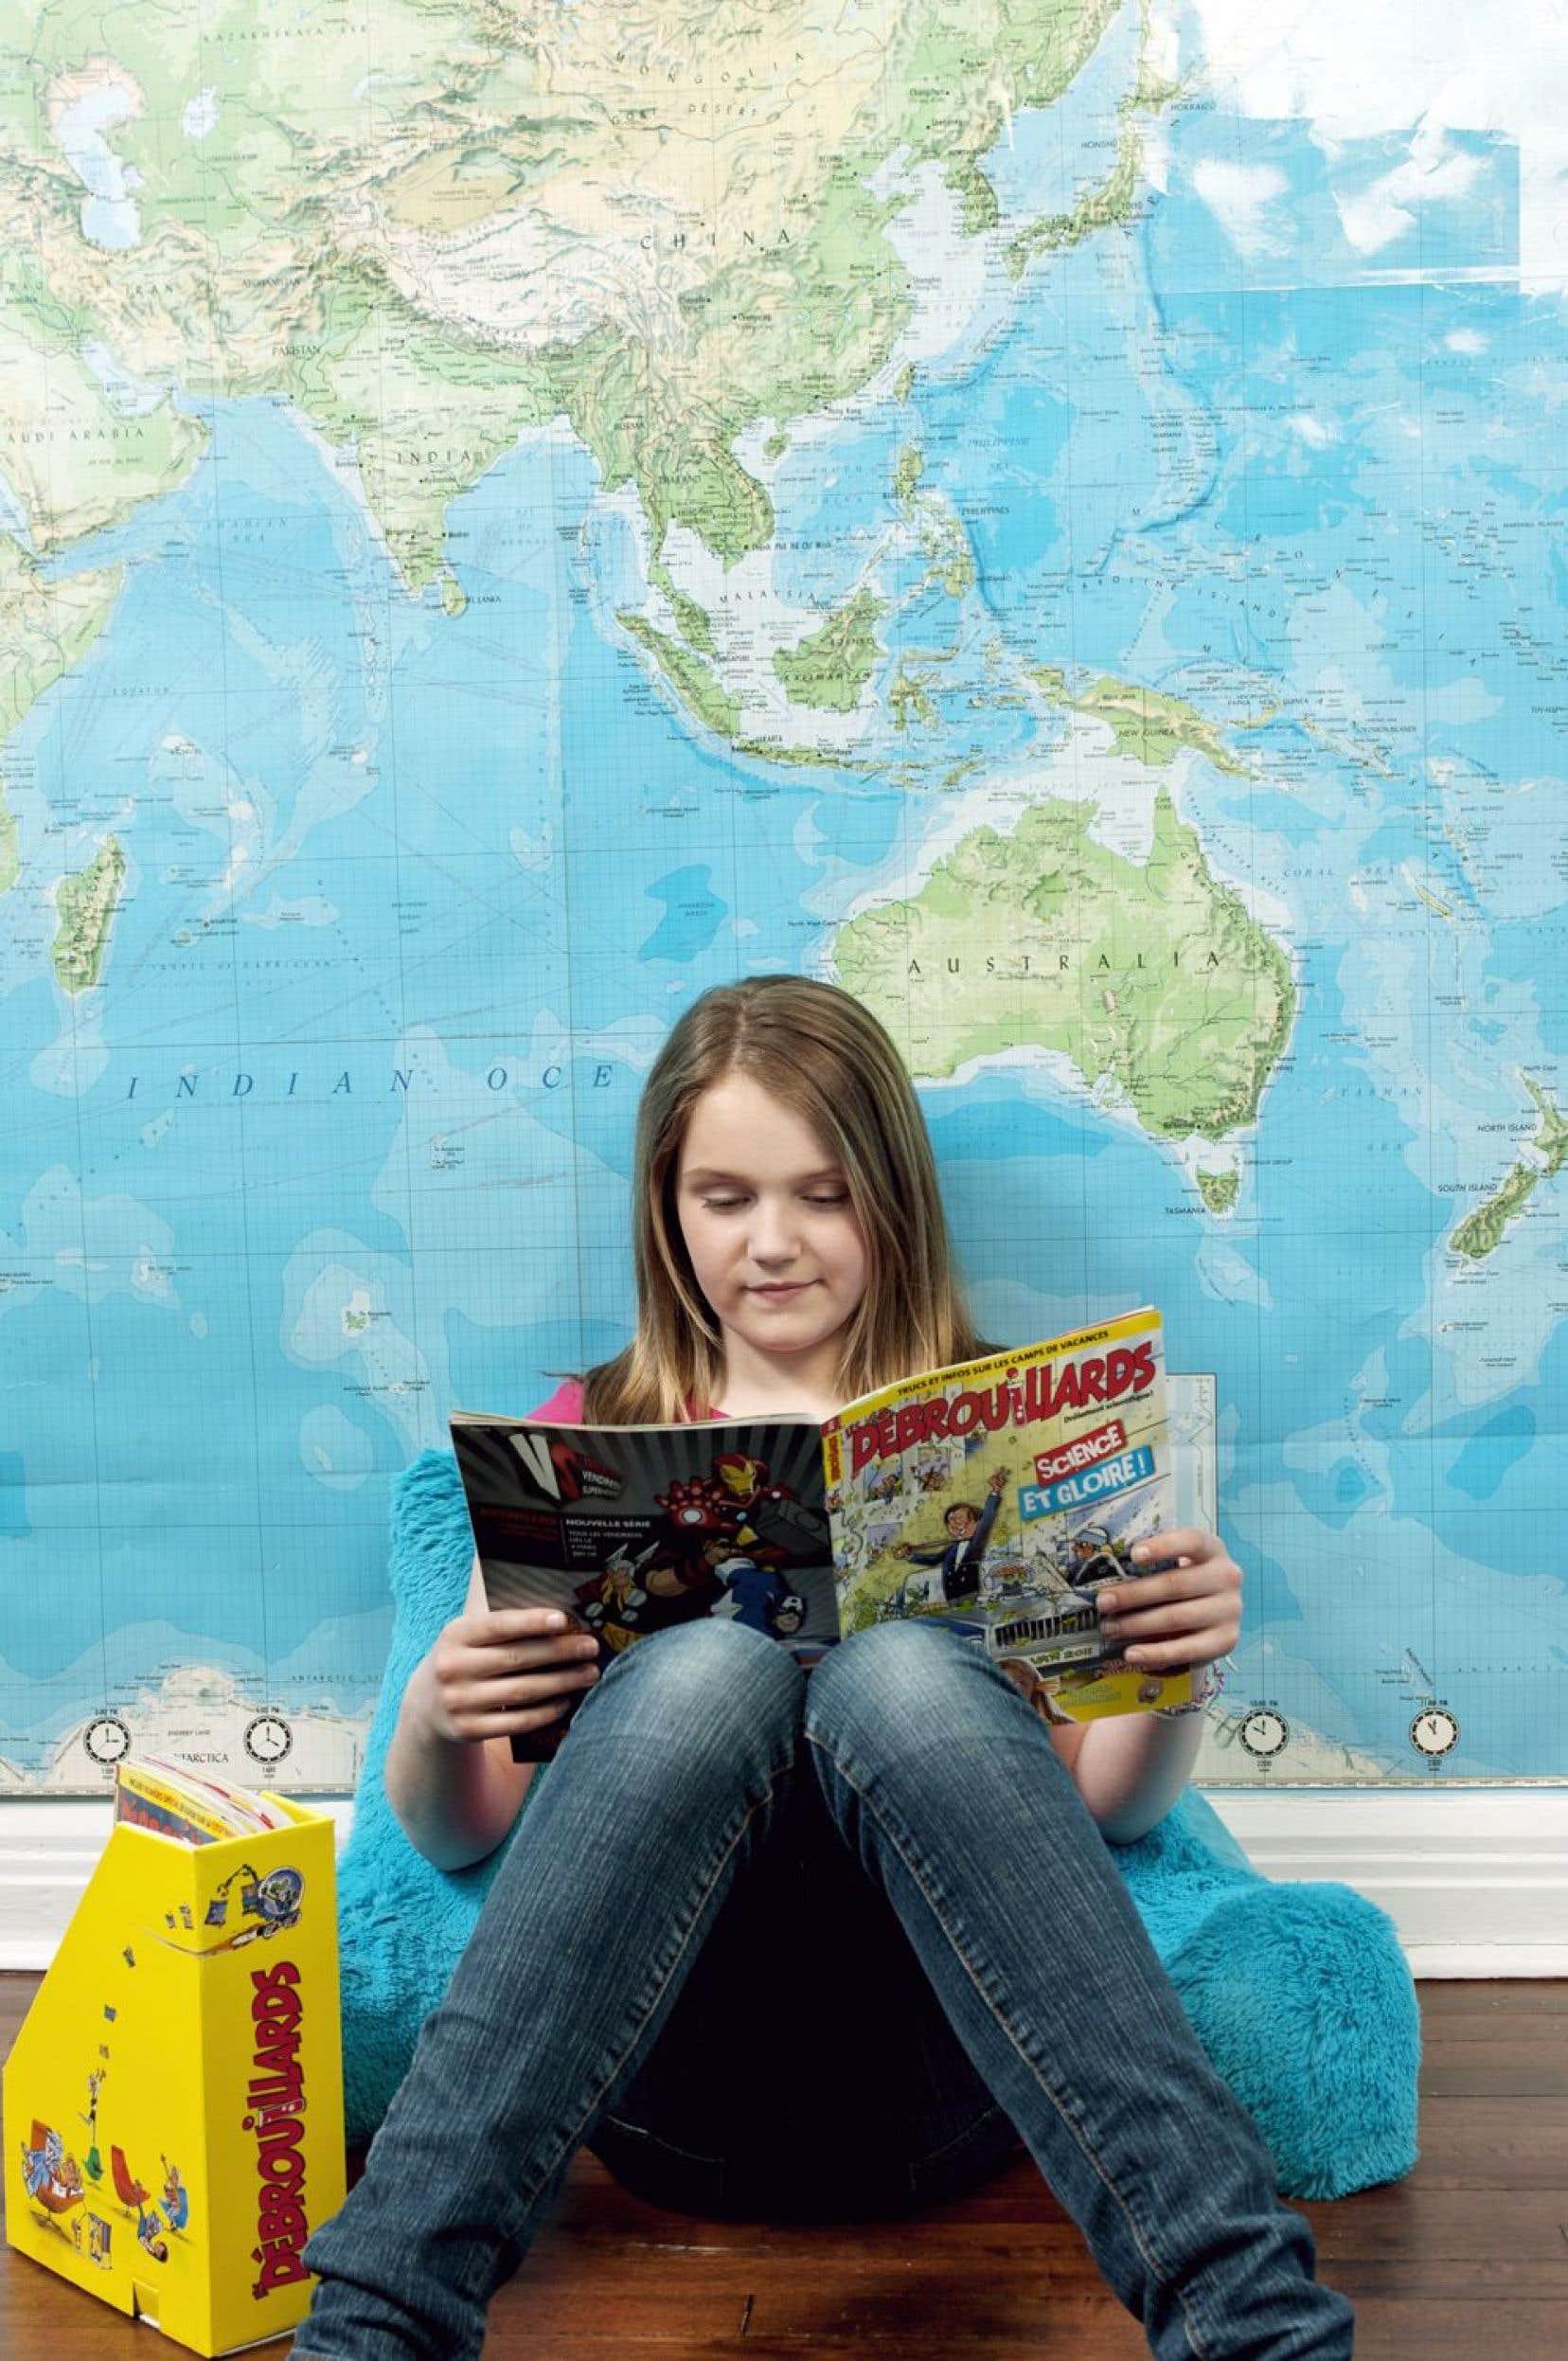 Le magazine de vulgarisation scientifique «Les Débrouillards» s'adresse aux 9 à 13 ans. L'éditeur pilote aussi les publications «Les Explorateurs» et «Curium», tous deux pour les jeunes.